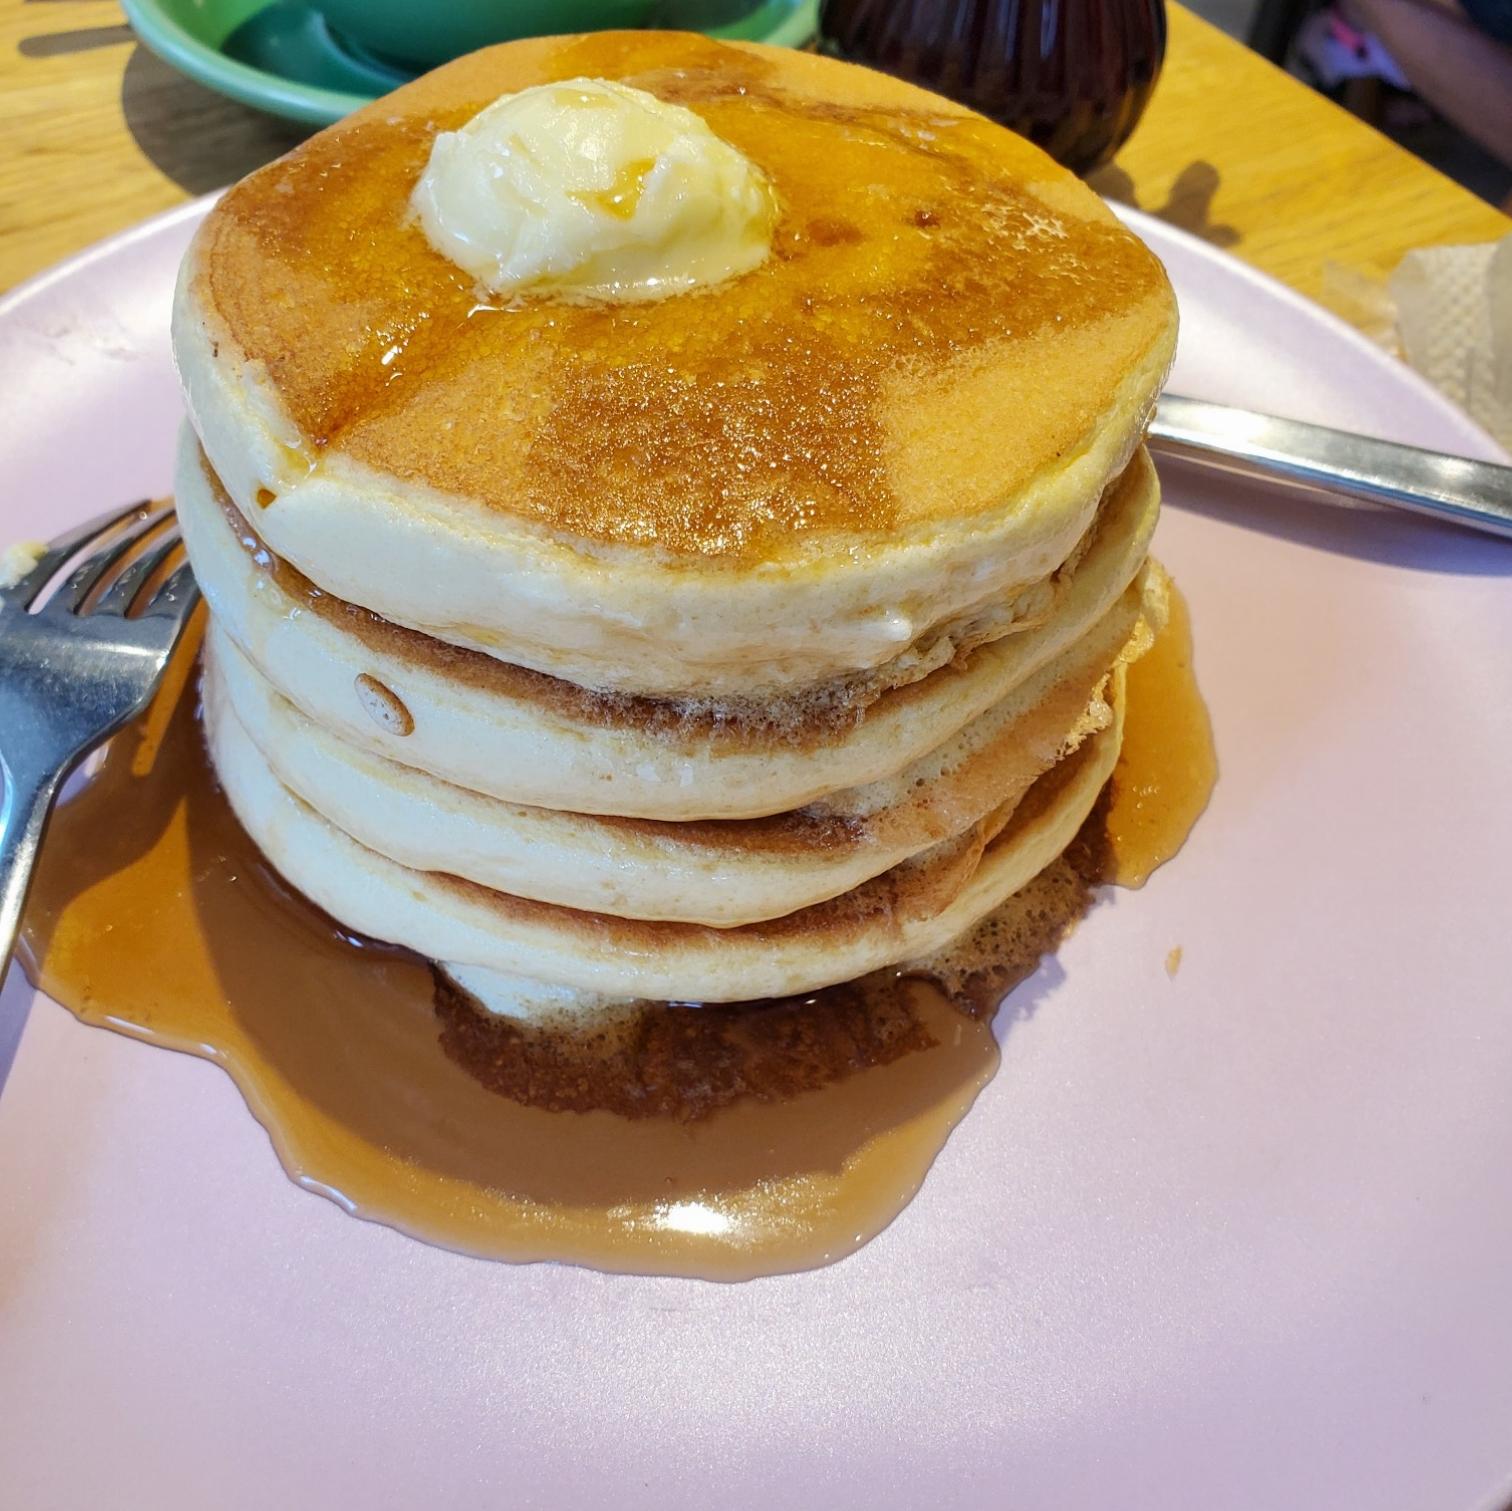 ≪神戸カフェ≫ふわふわ&とろとろパンケーキ♡【belle-ville】_1